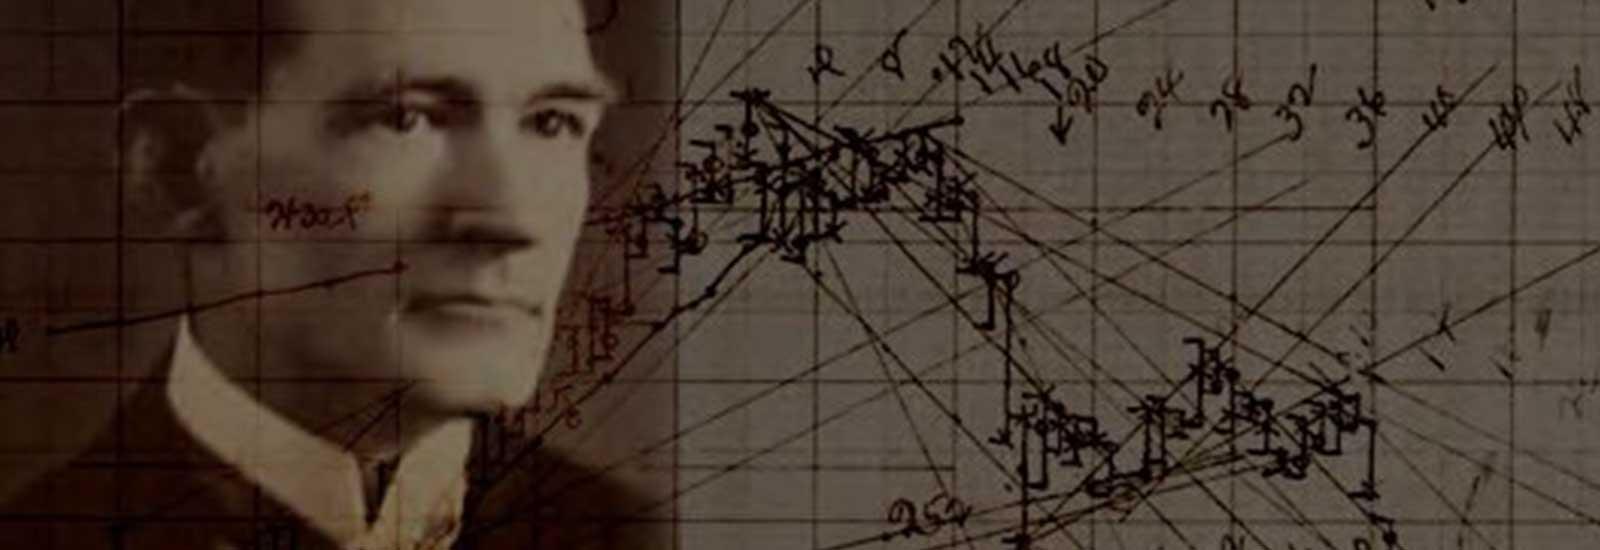 Історія життя трейдера Вільяма Ганна